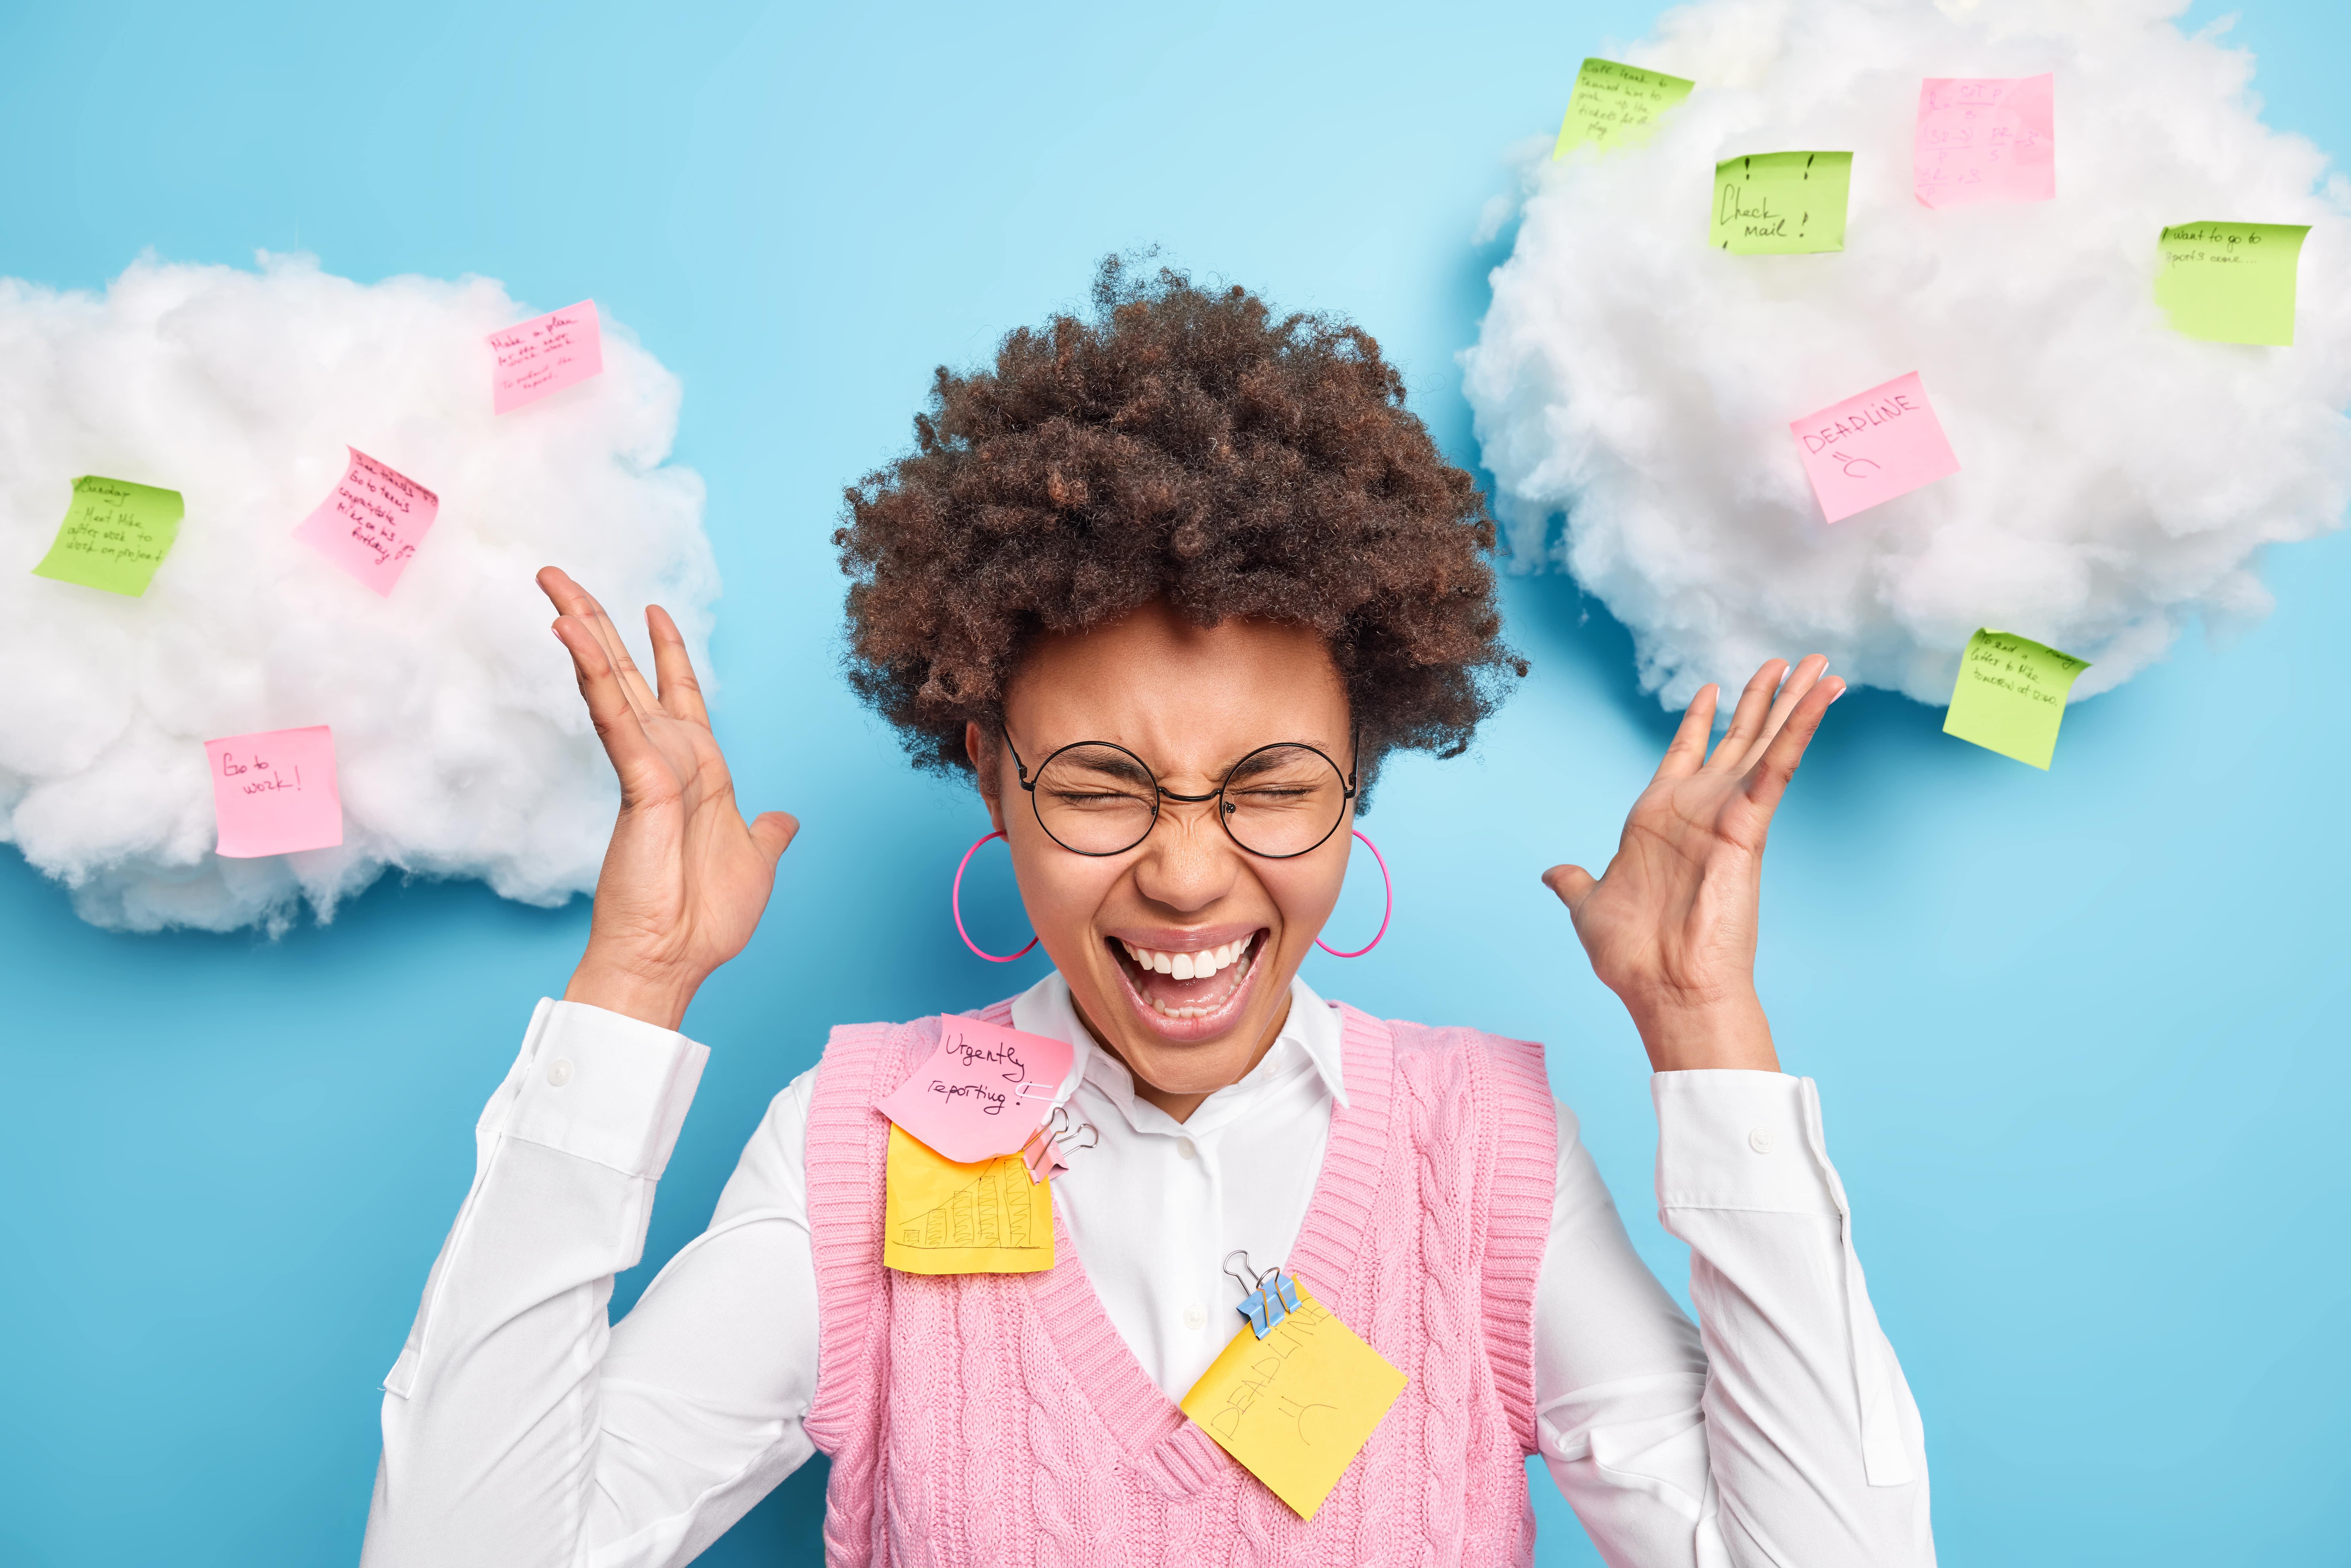 Остаемся в ресурсе: как противостоять стрессу на работе в банковской сфере